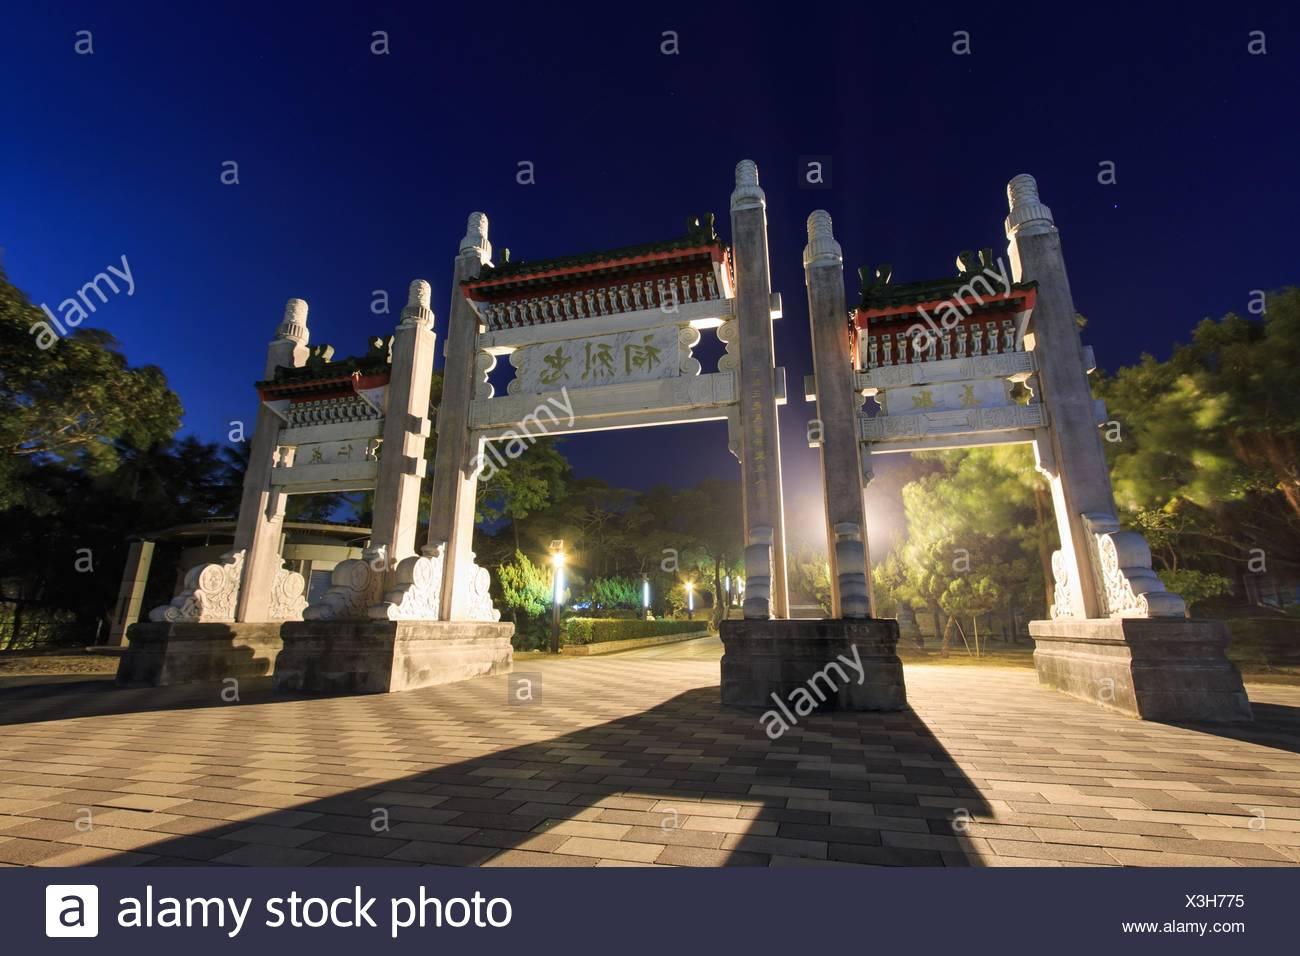 Mártir Santuario por la noche, Kaohsiung, Taiwán. Imagen De Stock